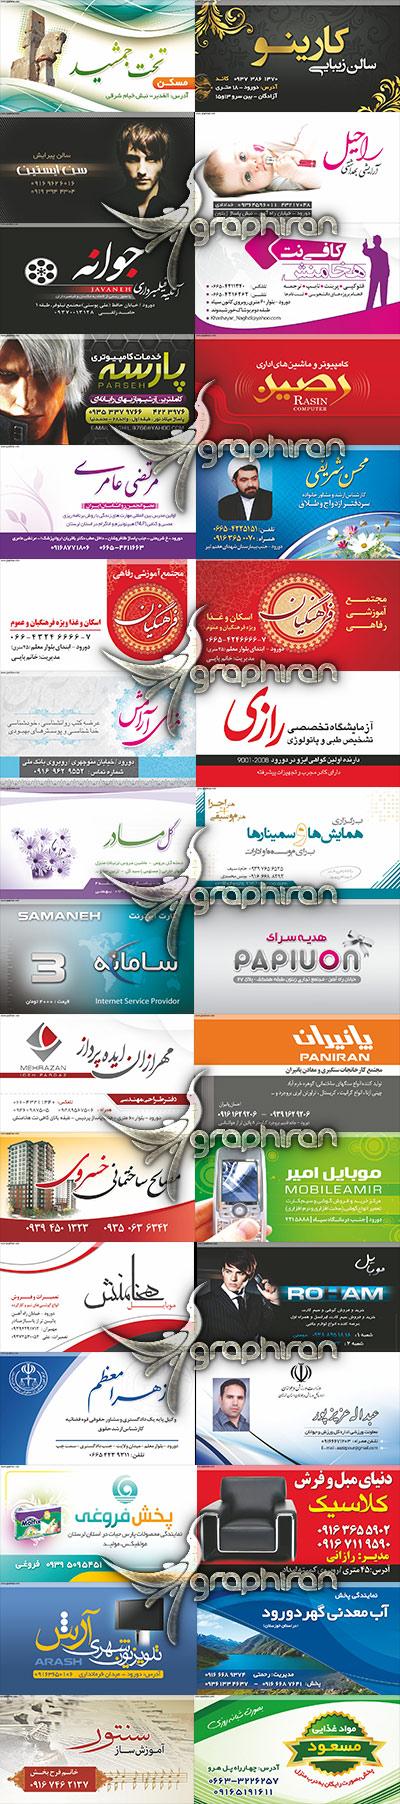 خرید کارت ویزیت های ایرانی لایه باز